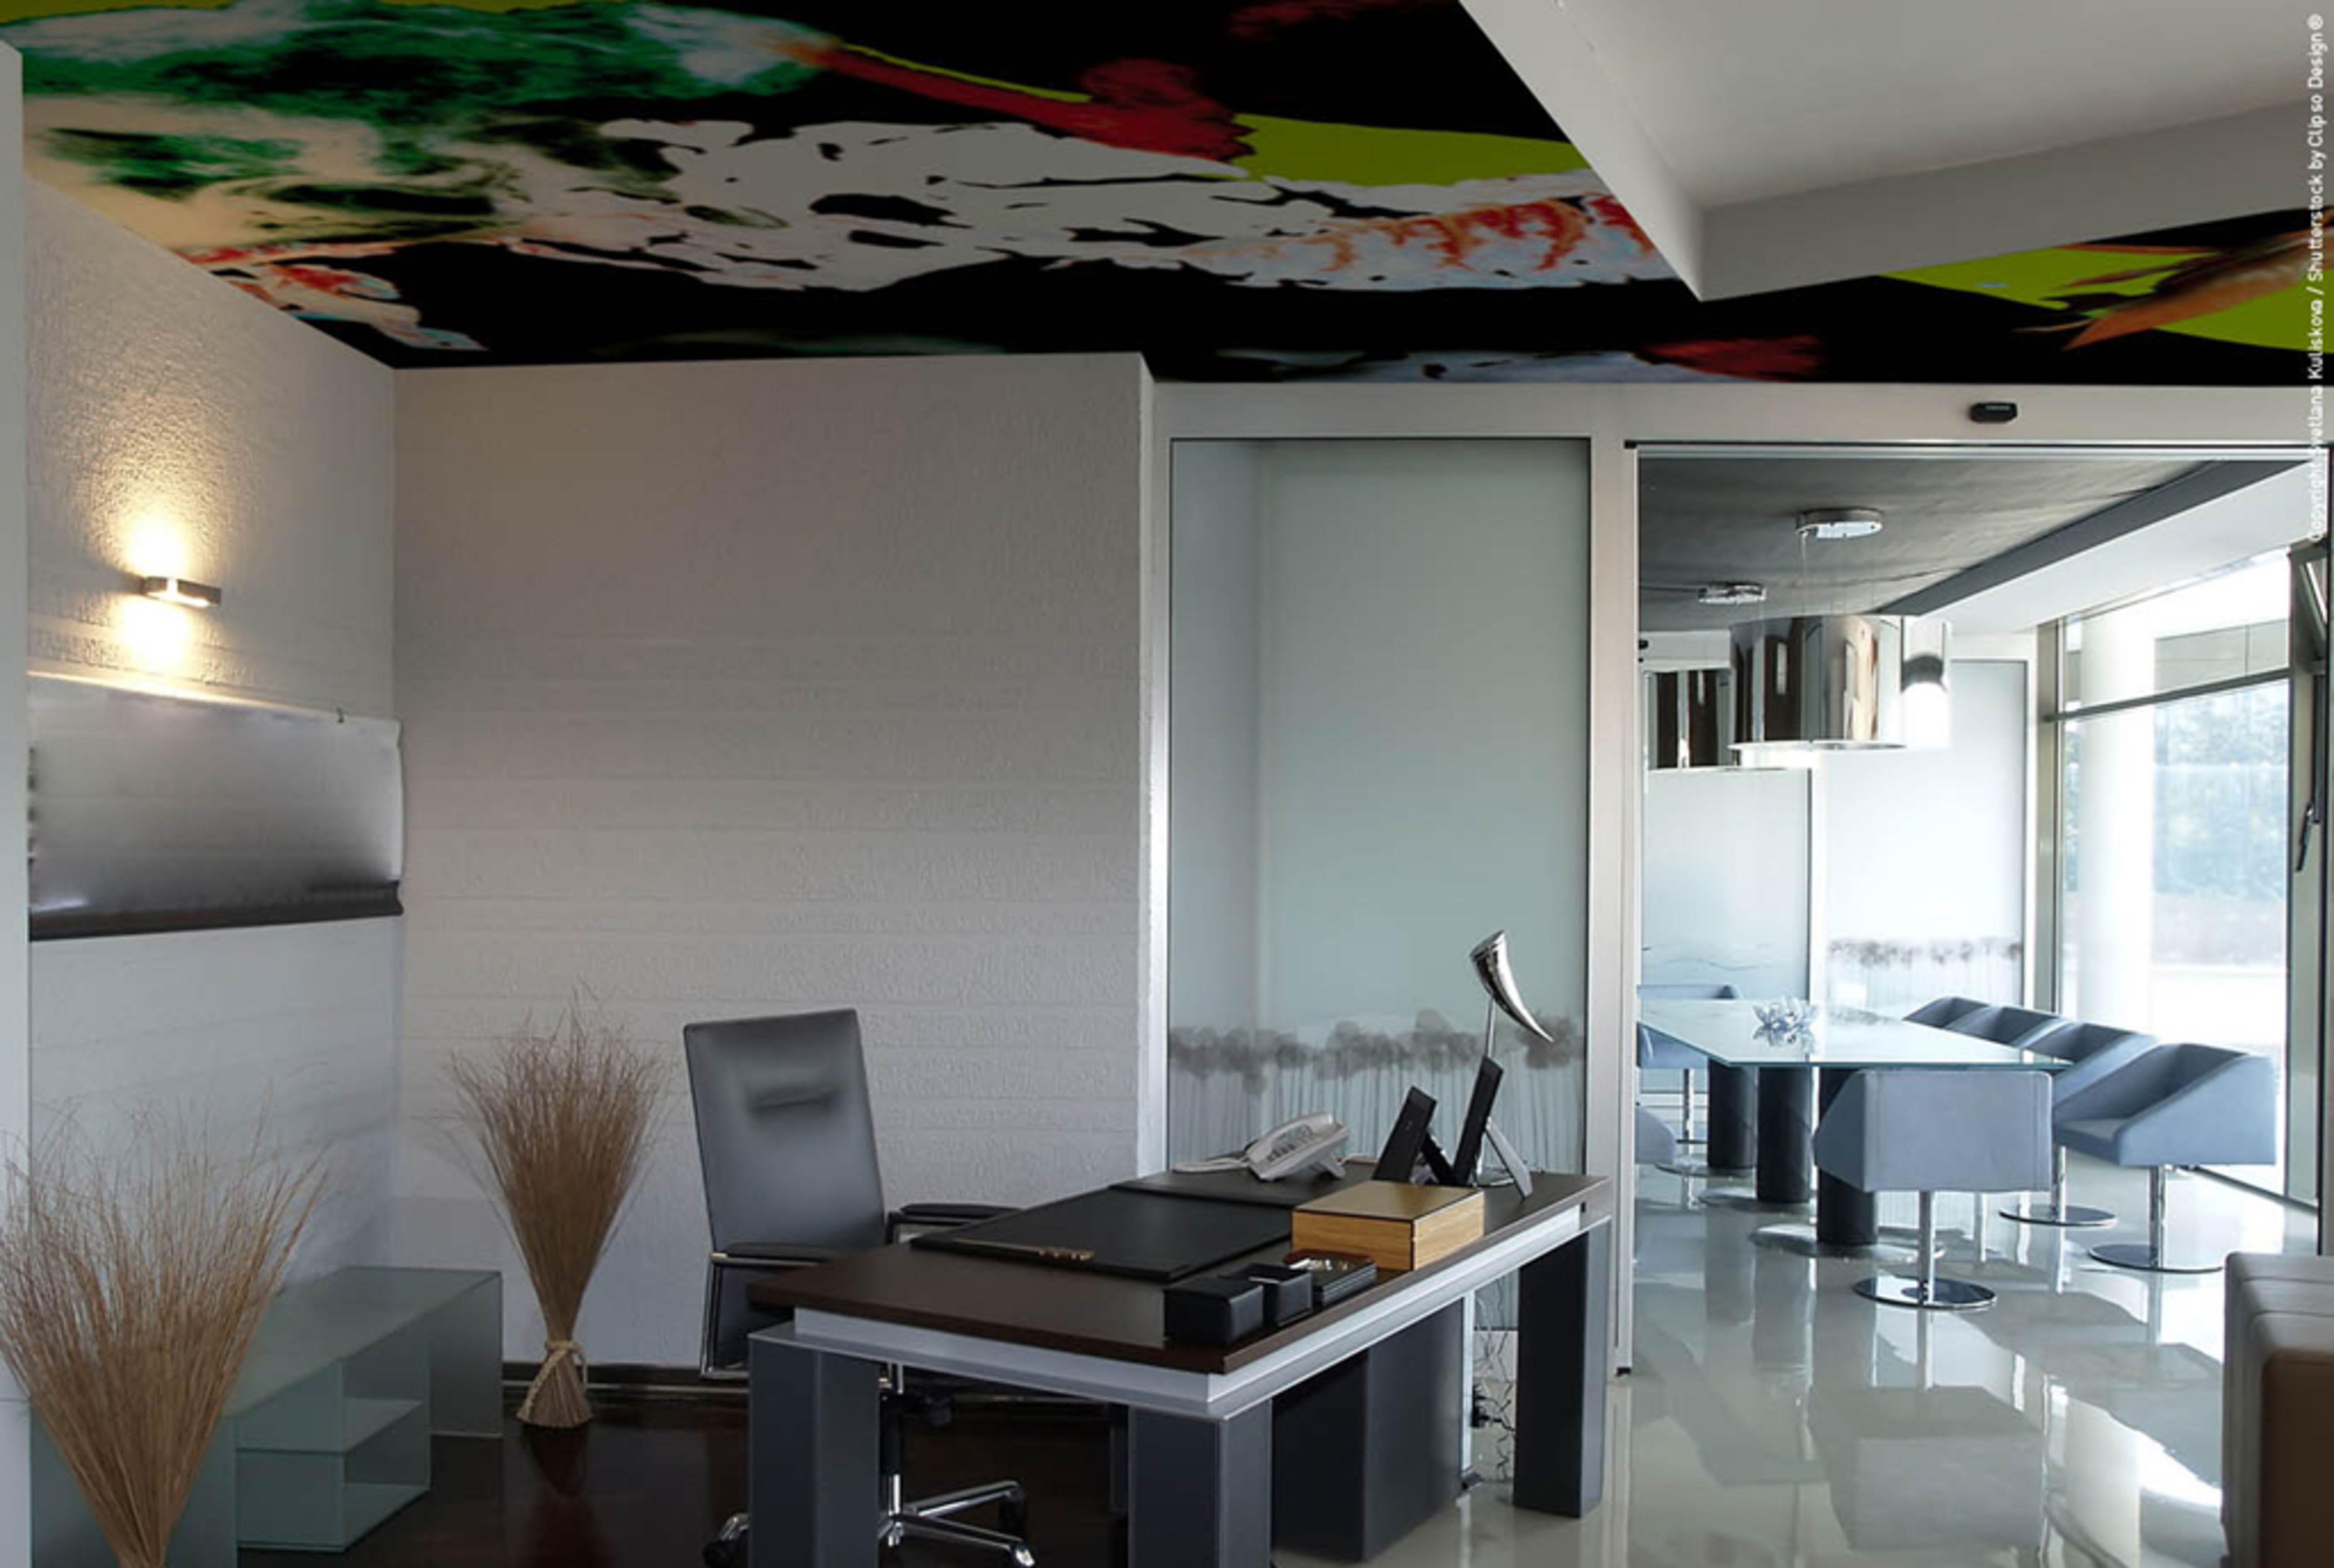 Büro mit Lackspanndecke als buntes Designelement